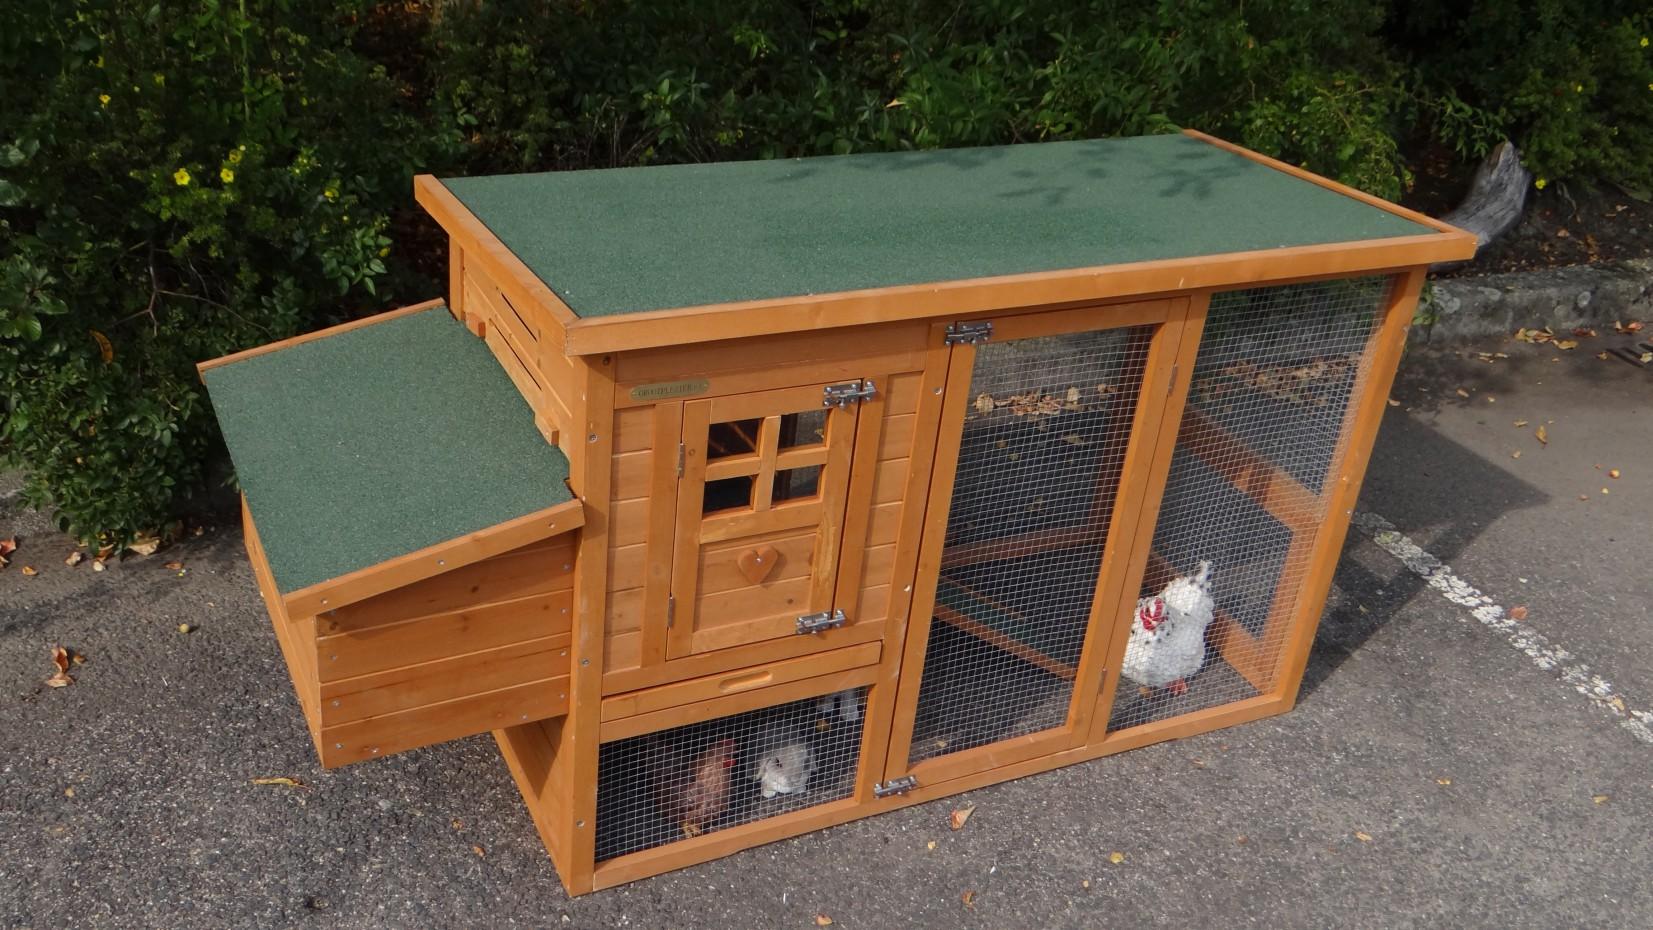 kaninchenstalle budget mit legenest. Black Bedroom Furniture Sets. Home Design Ideas